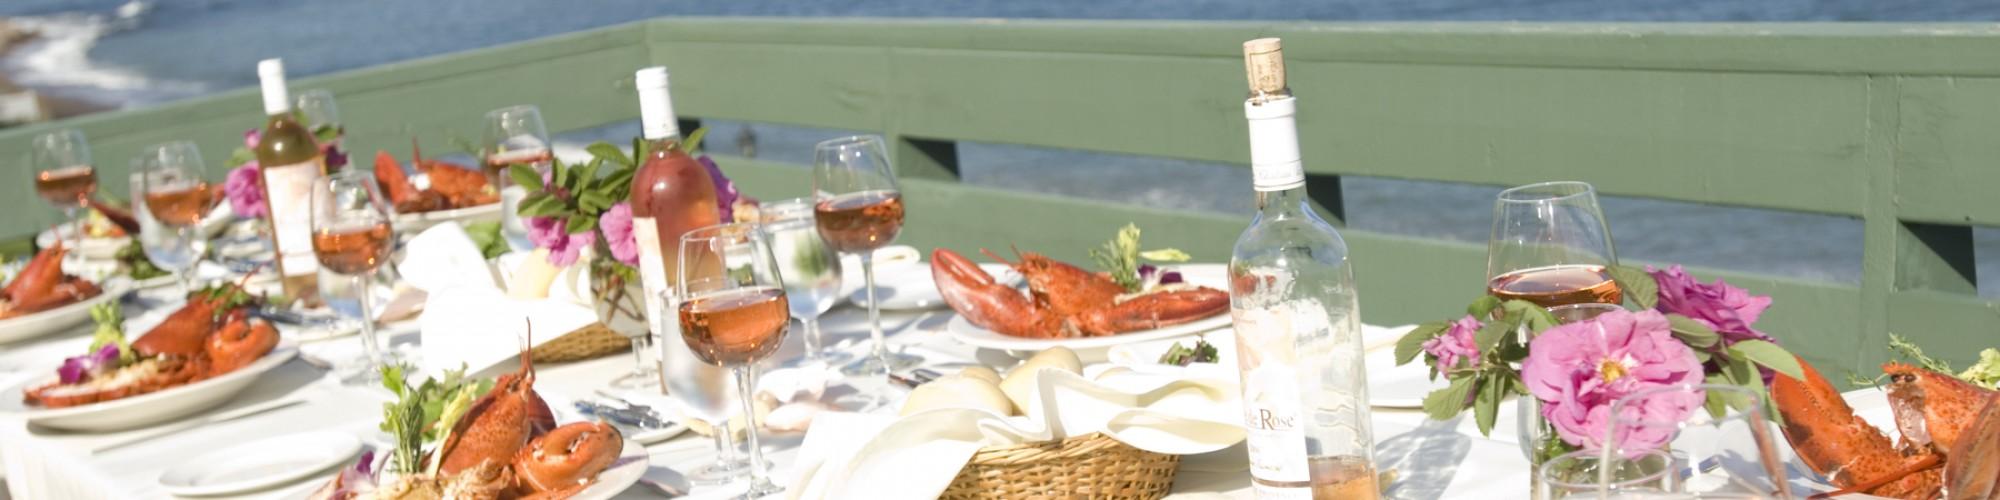 Repas de homard, terrasse, bord de mer, rocher Percé